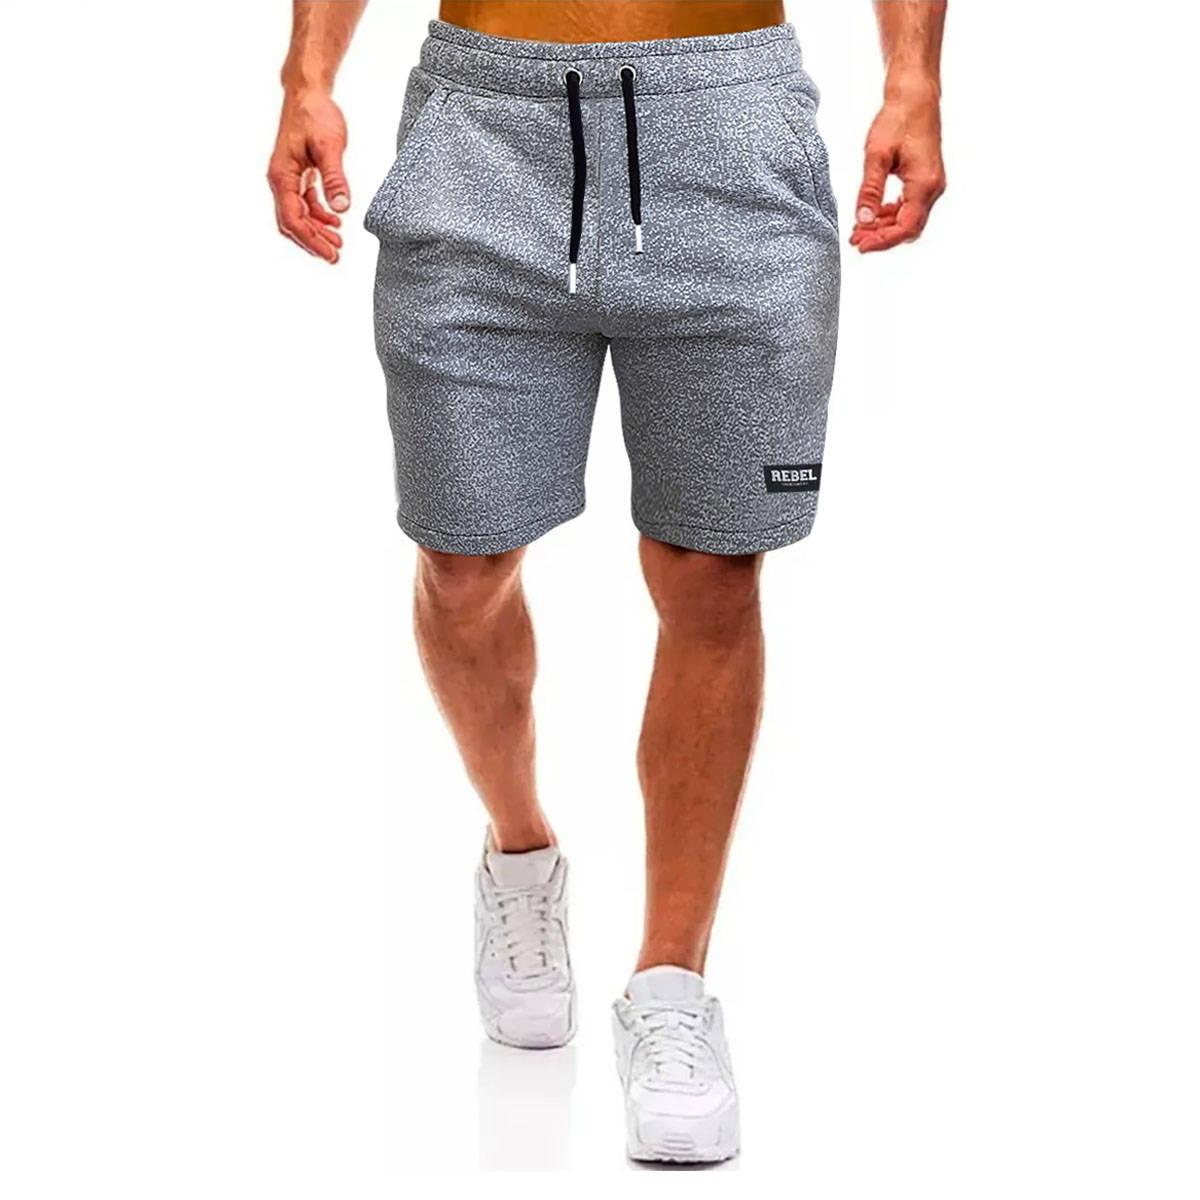 Shorts Bermuda De Hombre Deportivo Gimnasio Corto Jogging Distrito Moda